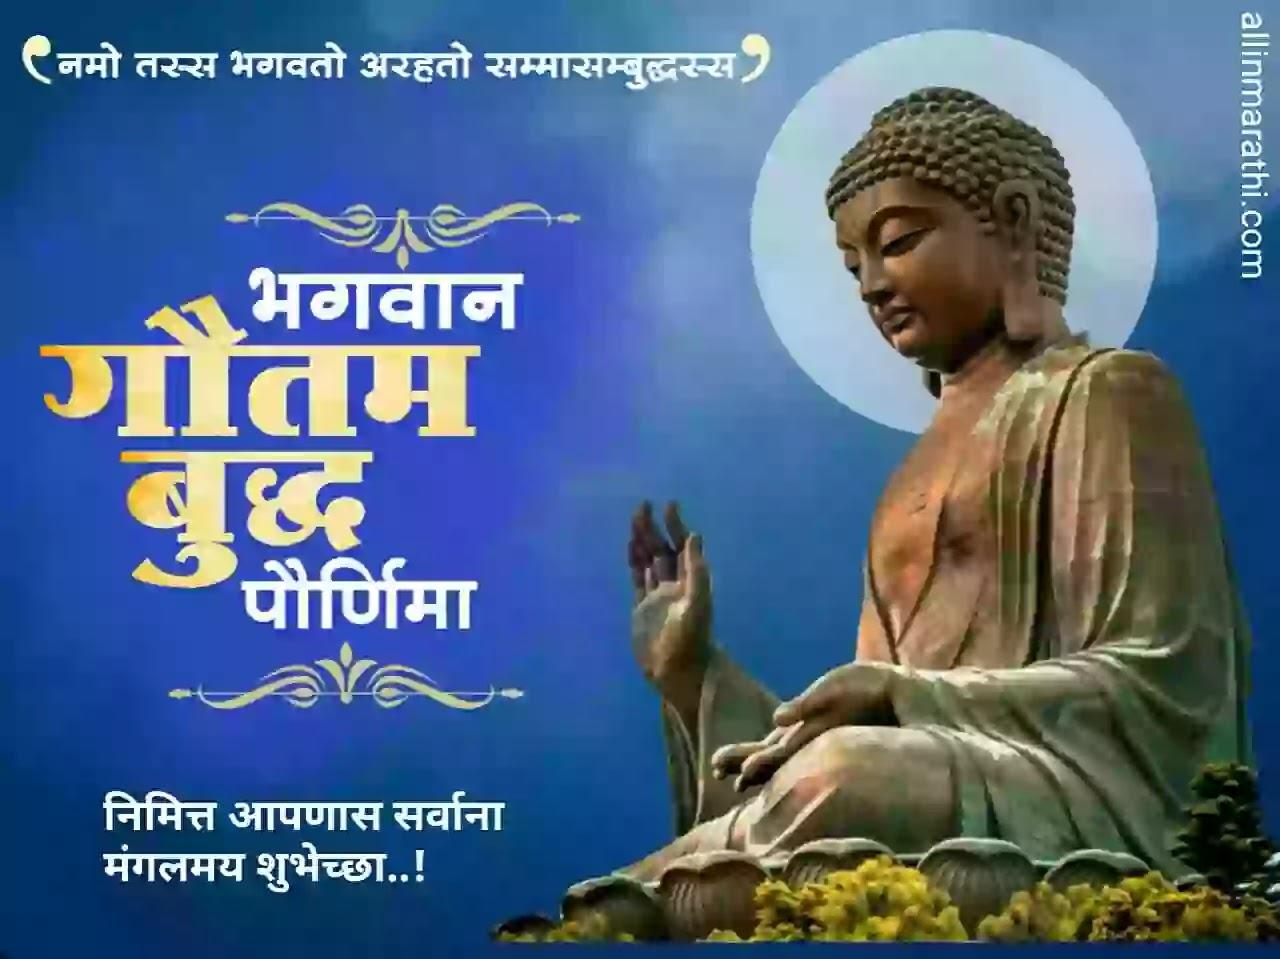 Buddha-purnima-status-marathi